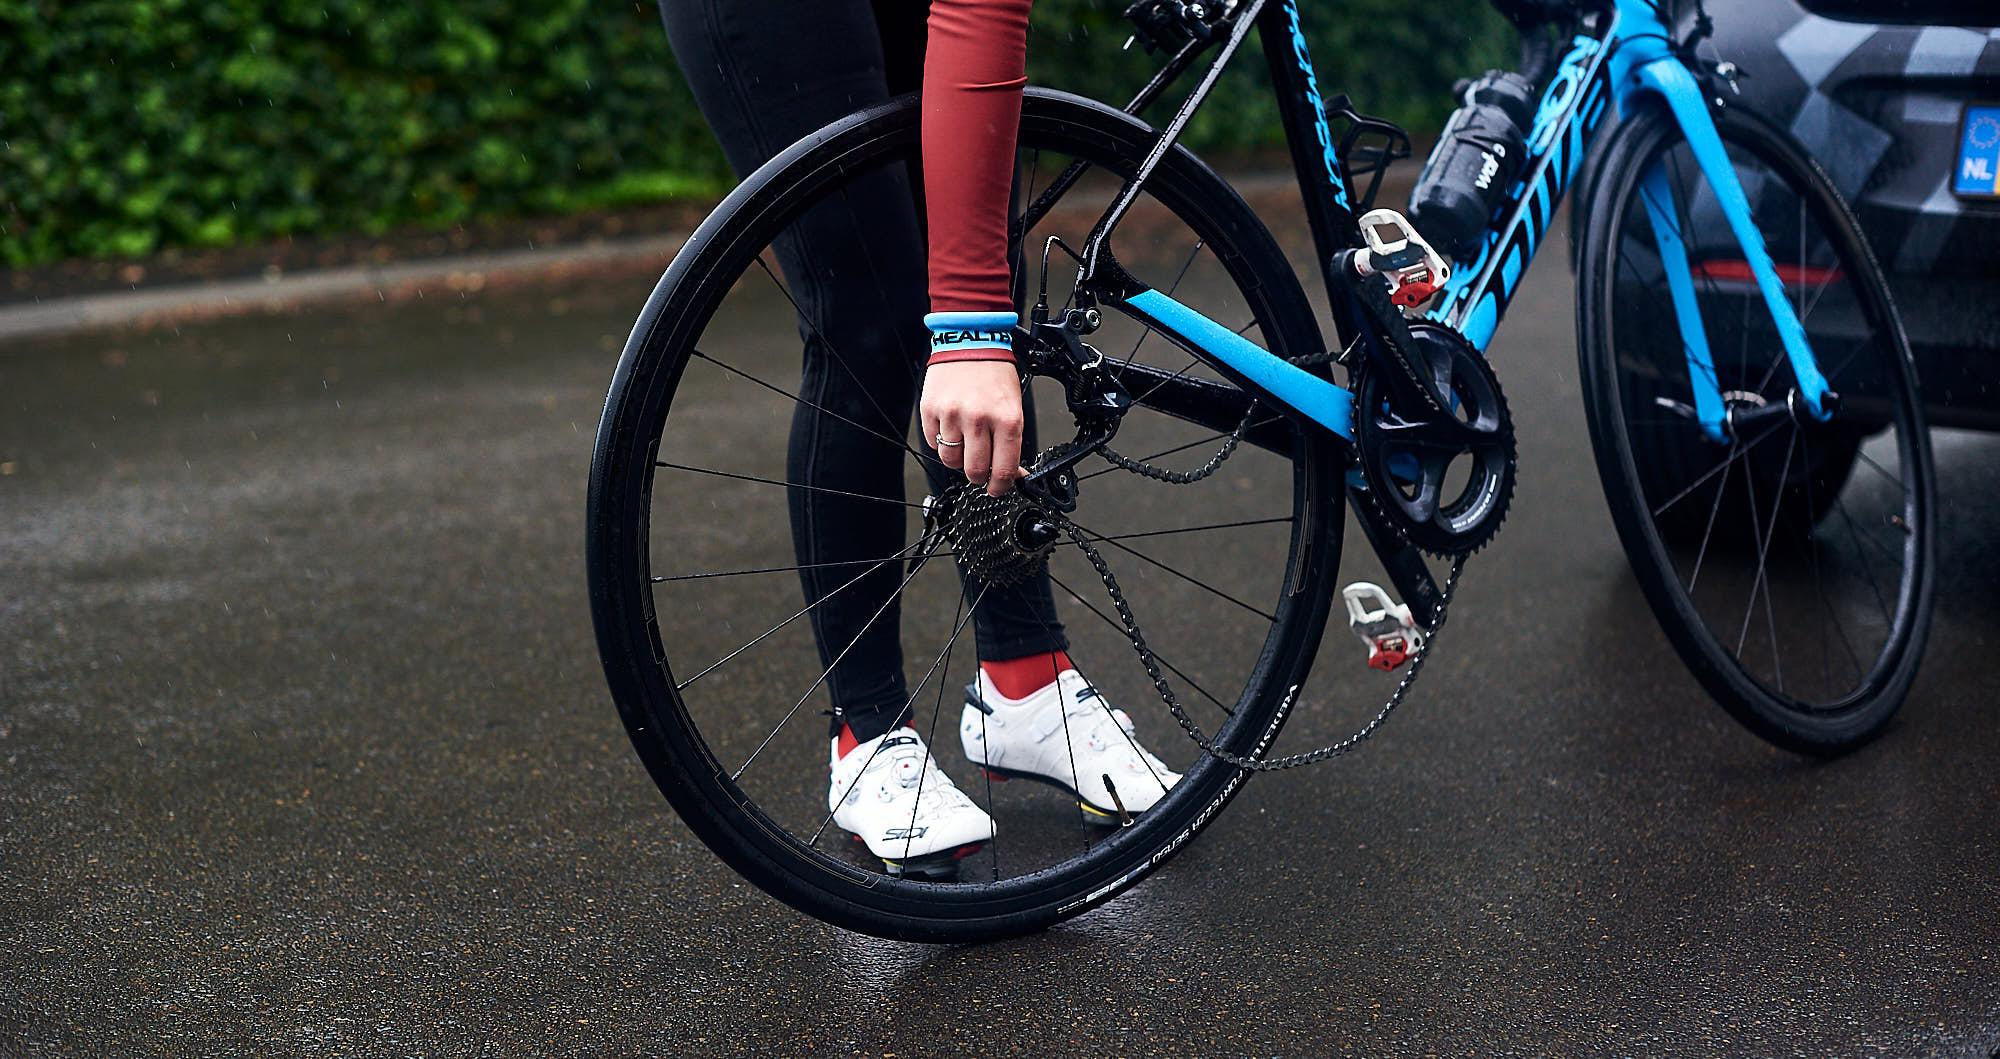 Cyclist installing a rear wheel in their bike